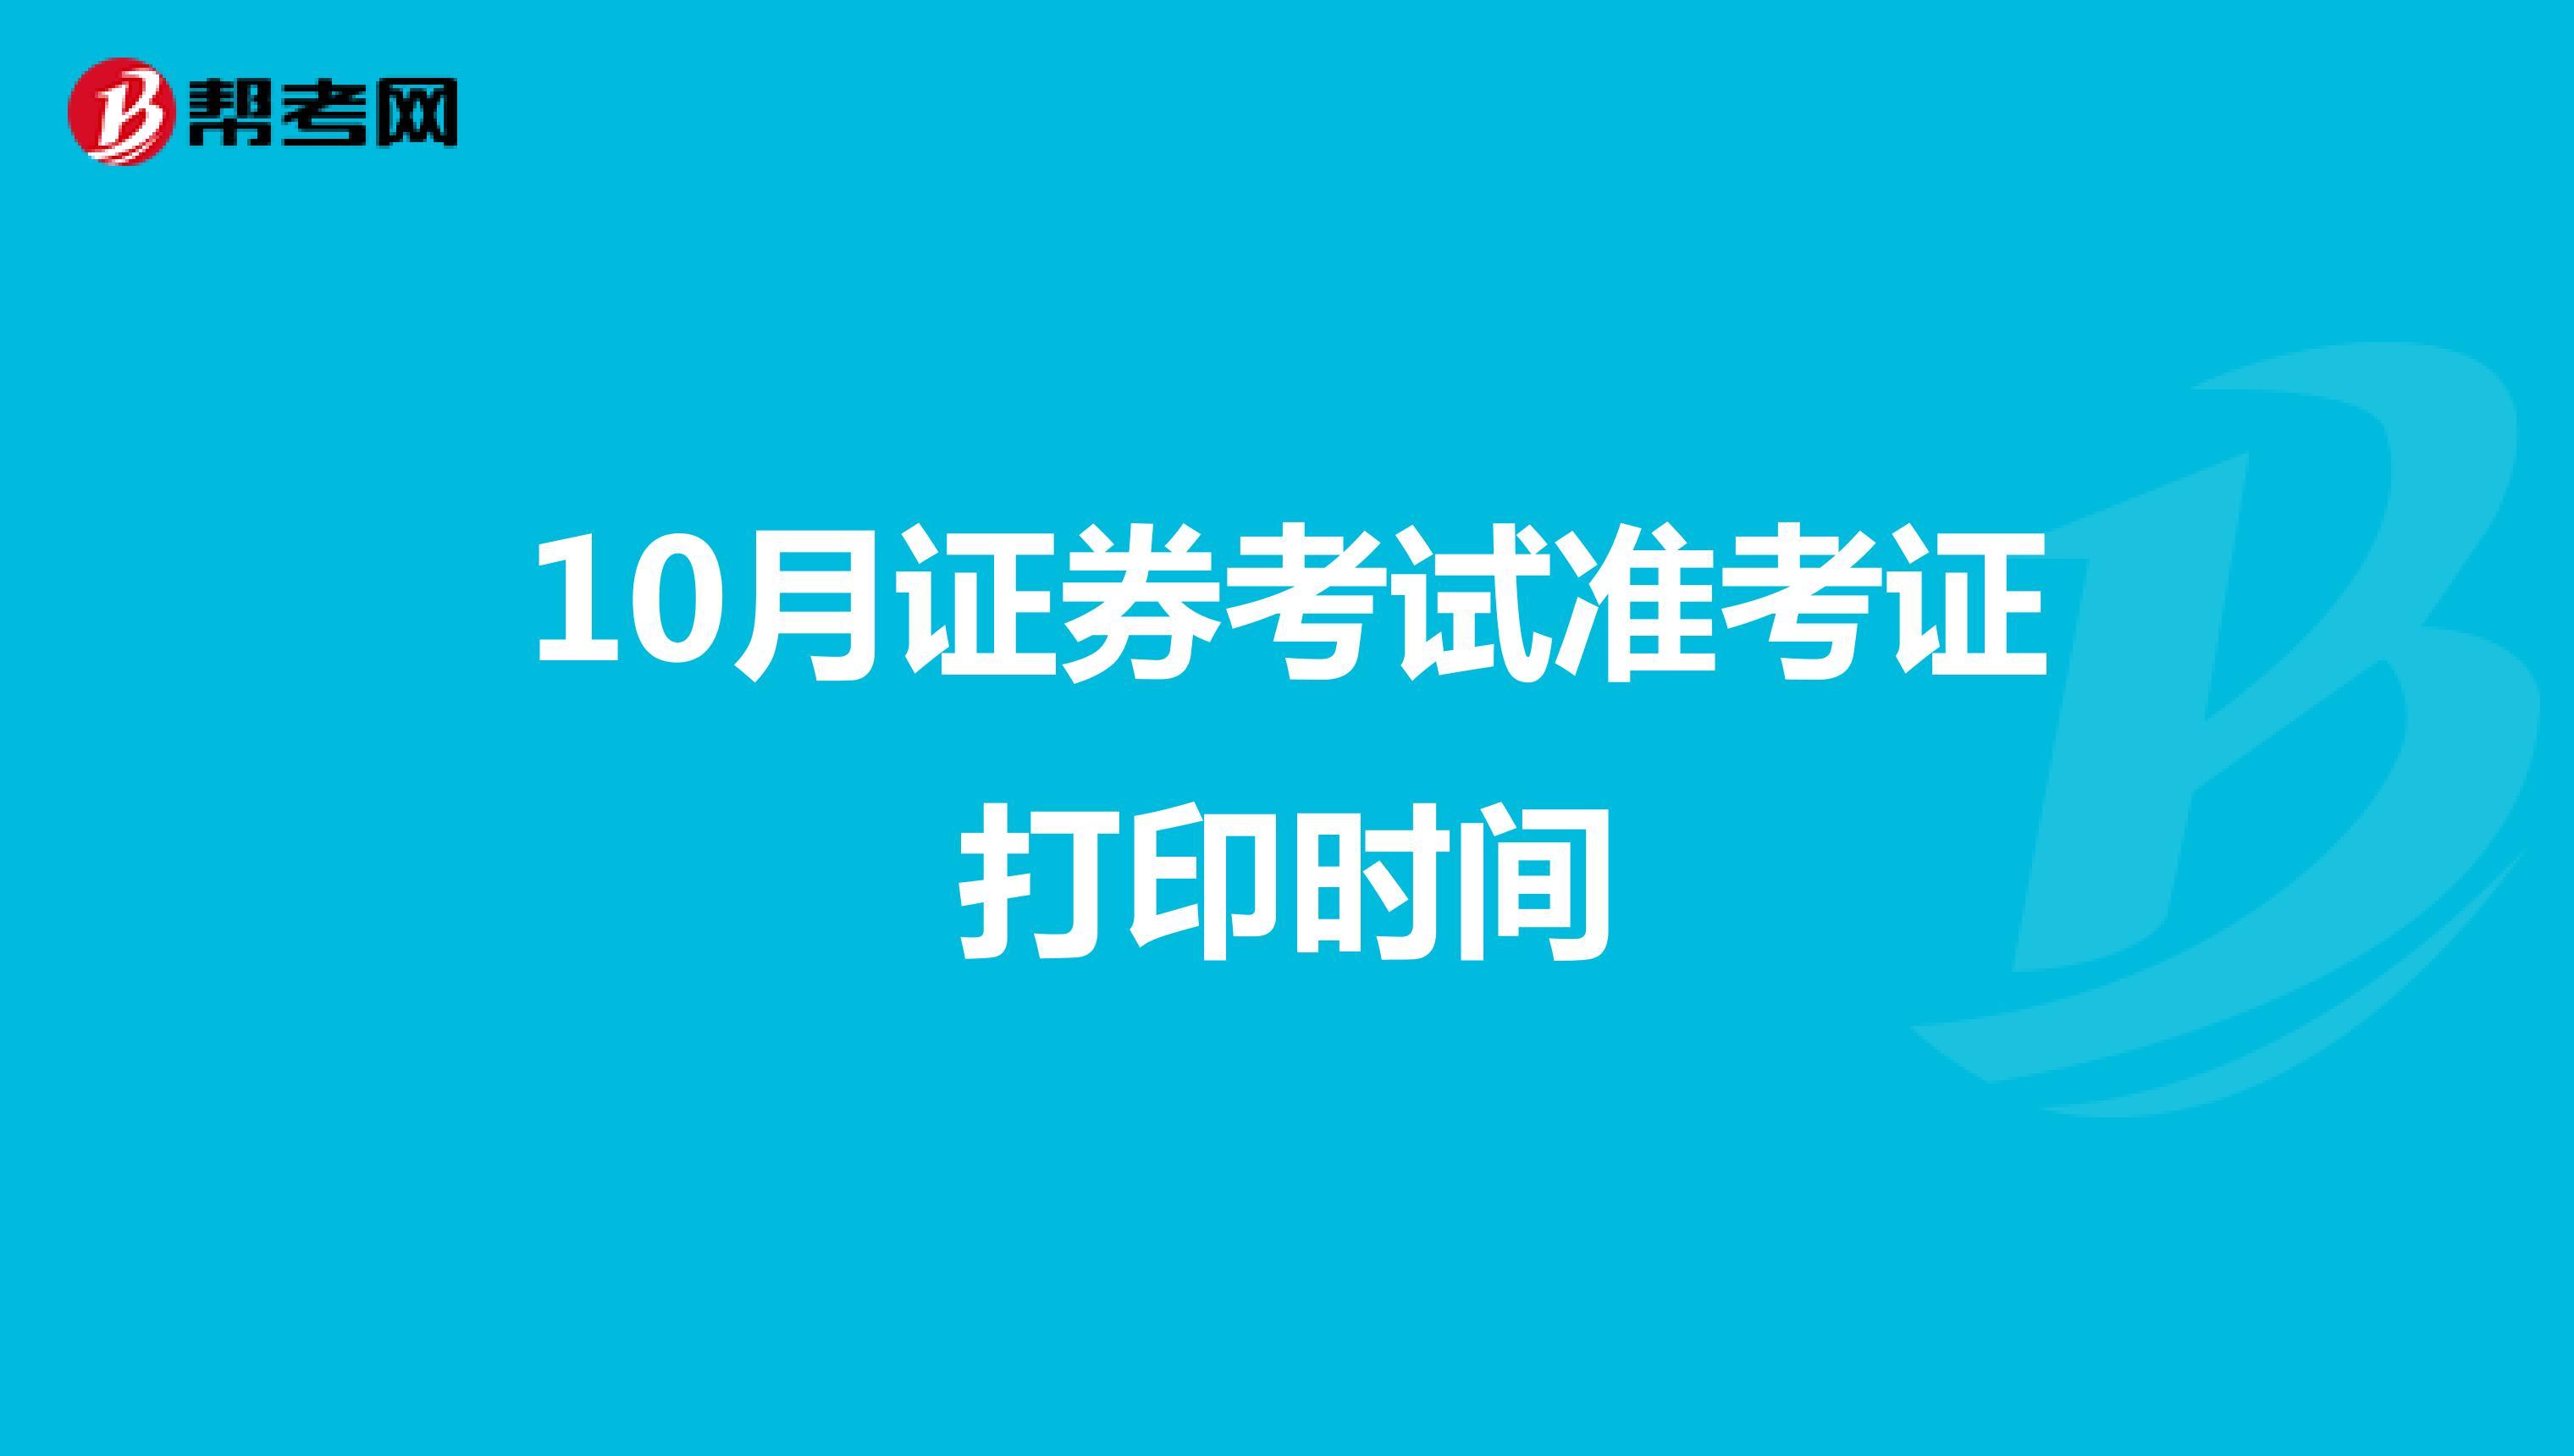 10月证券考试准考证打印时间